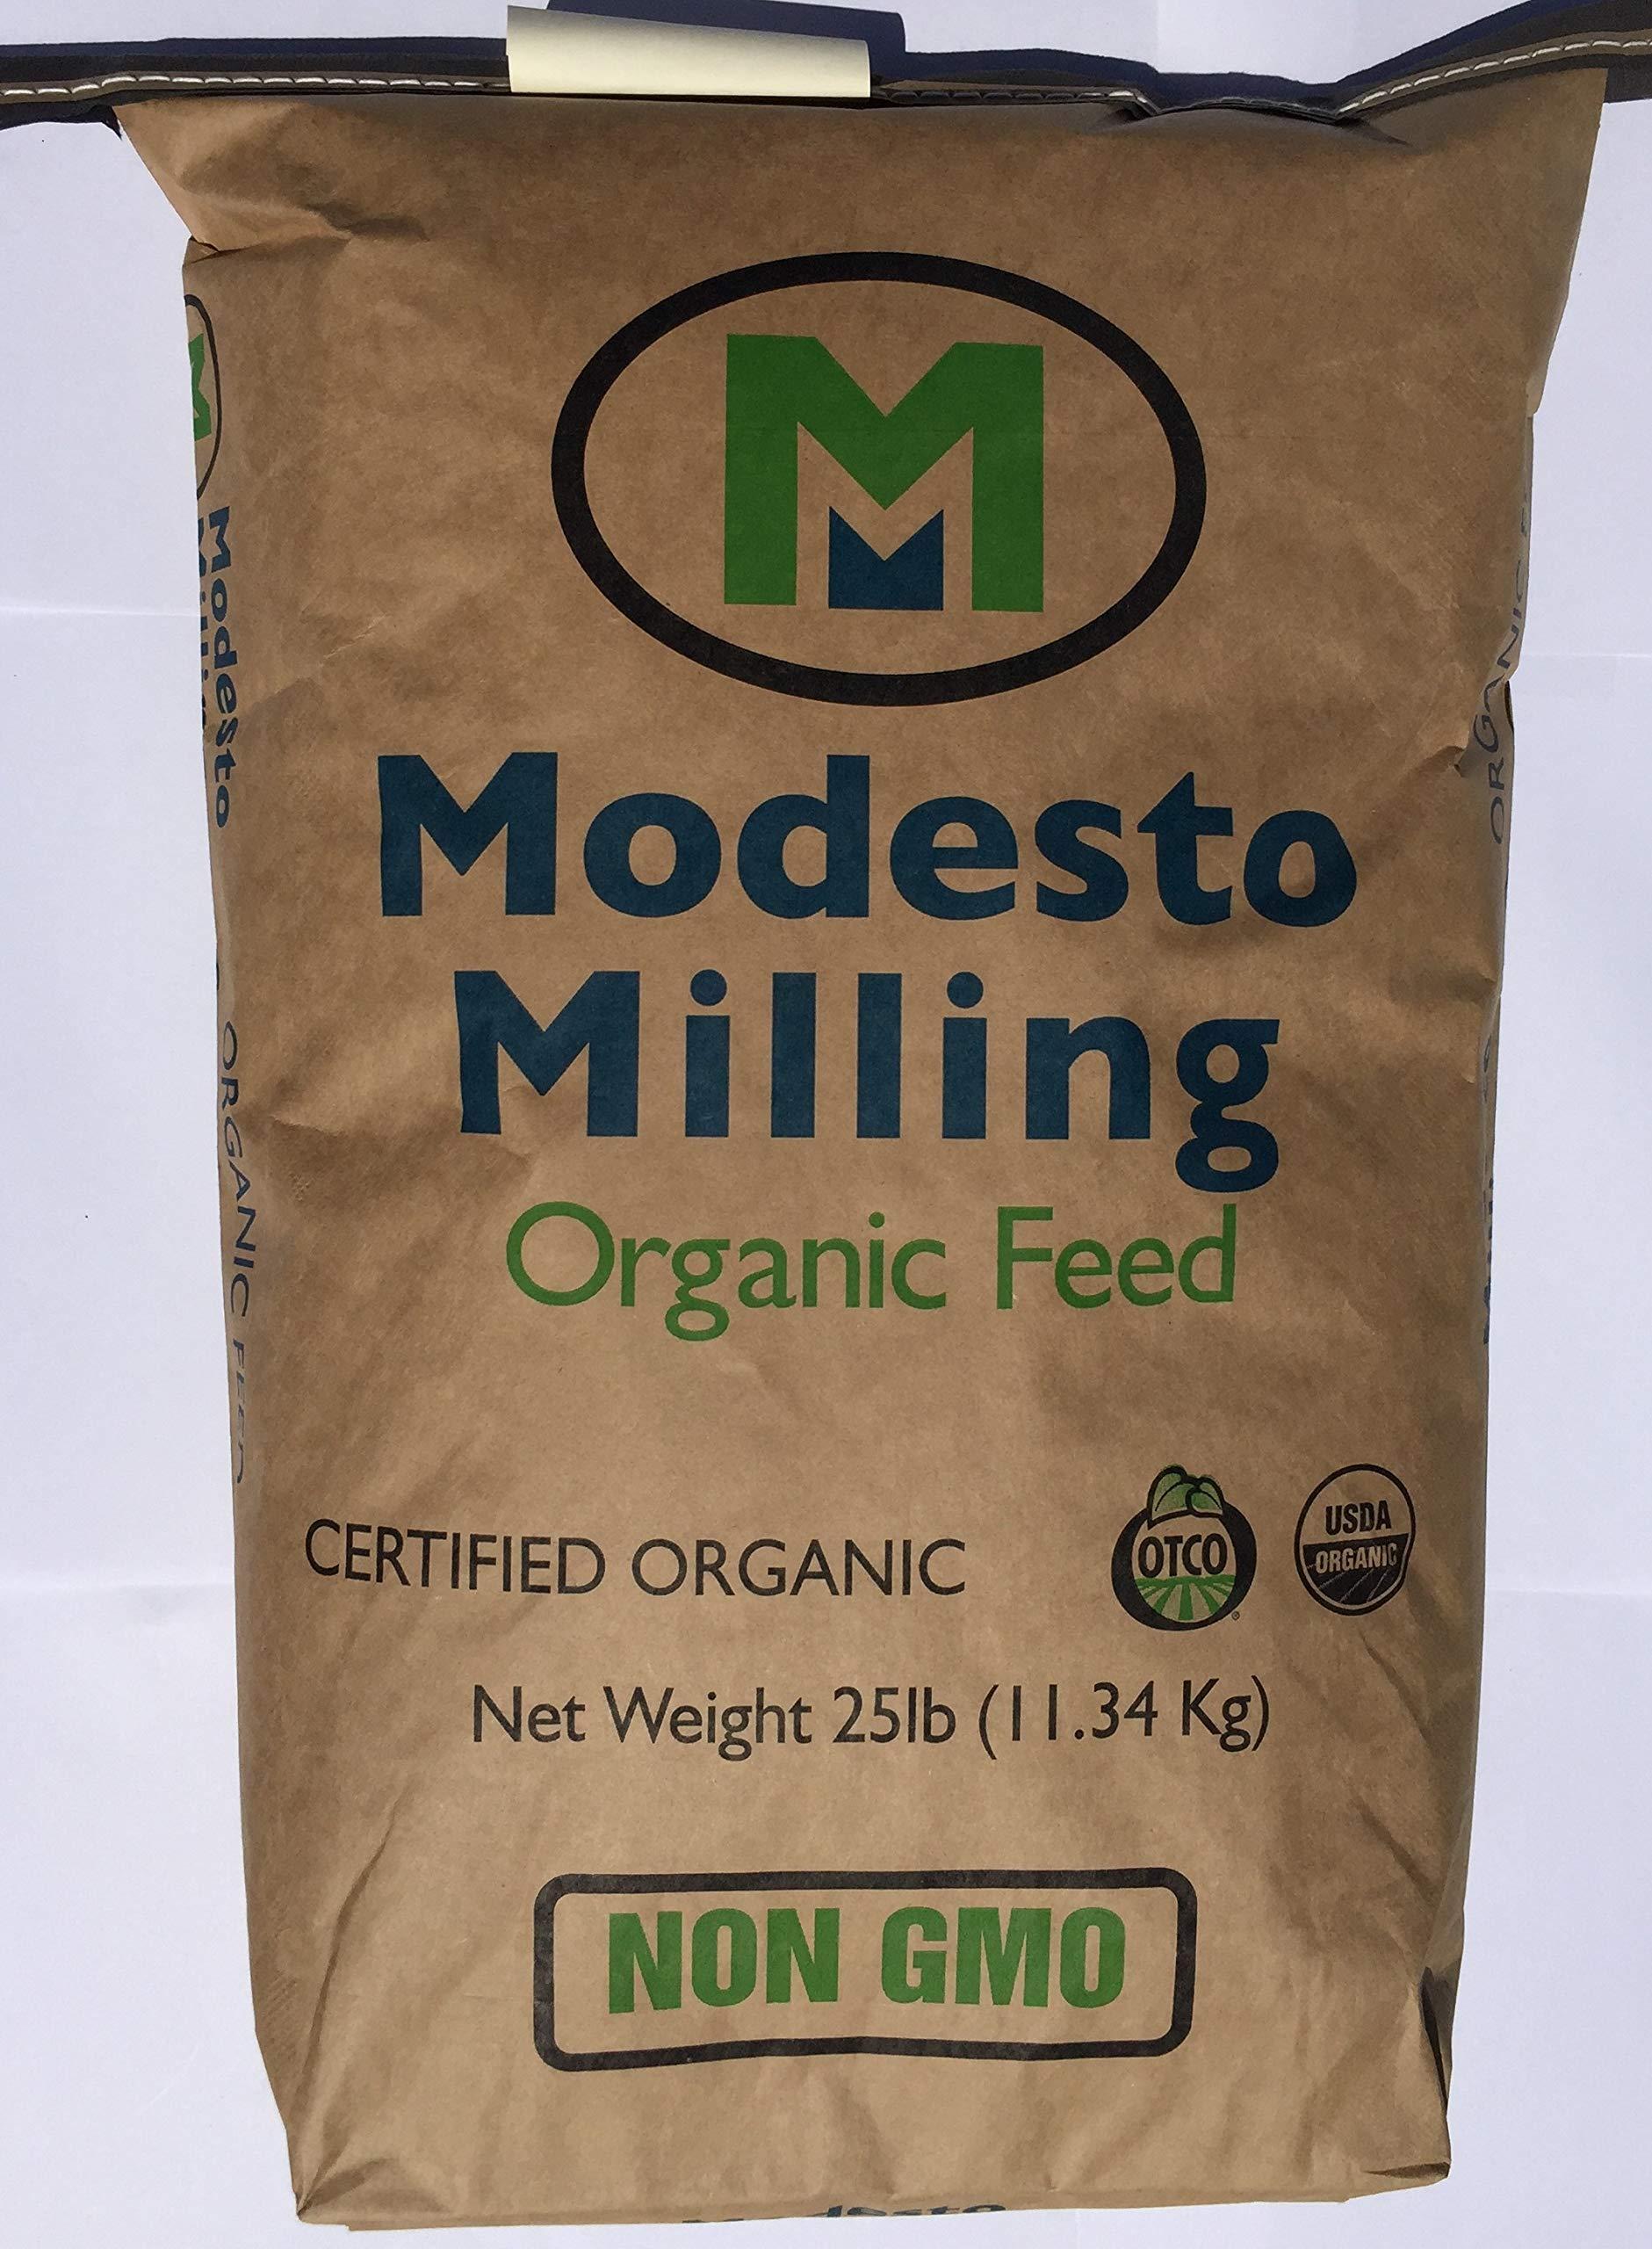 Modesto Milling Organic, Non GMO Horse Supplement Pellets, 25 lbs; Item# 5621 by Modesto Milling Organic Feed (Image #1)